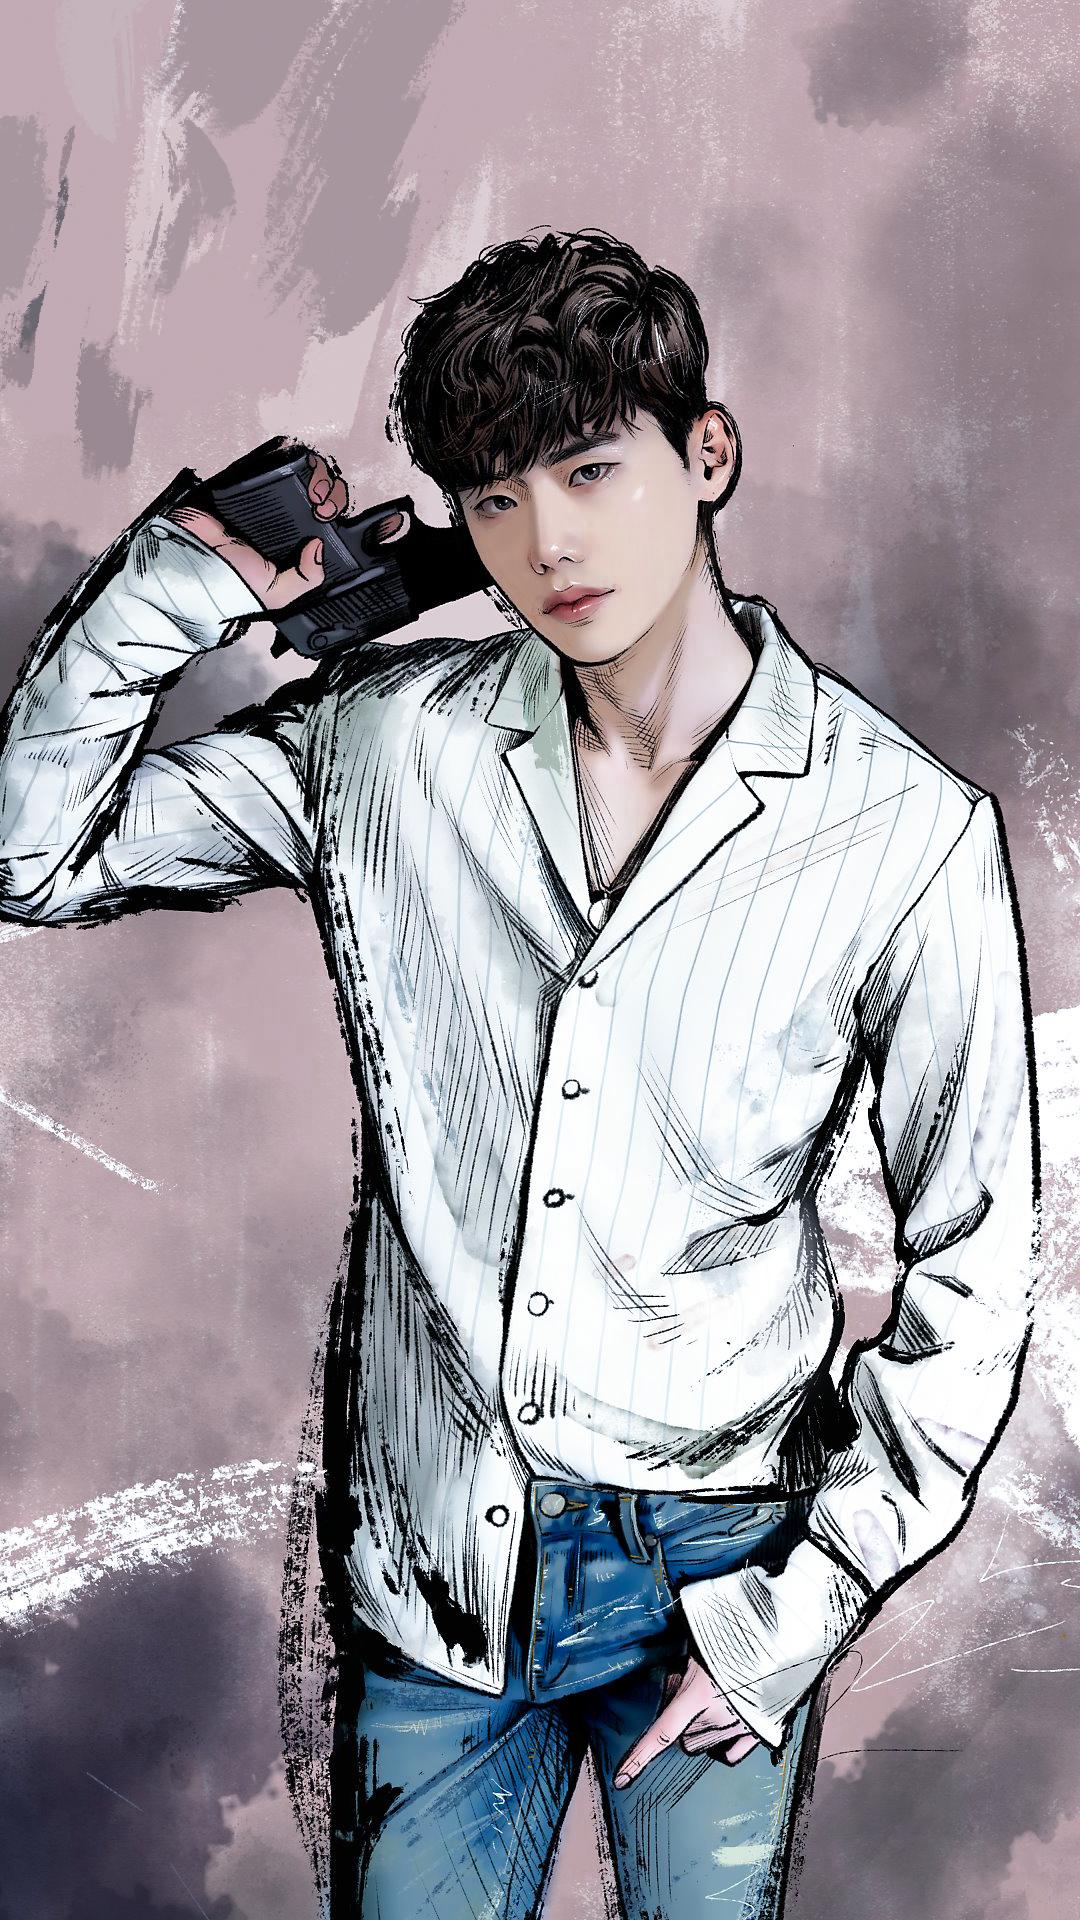 160826 Kang Chul Lee Jong Suk At Webtoon W Wallpapers